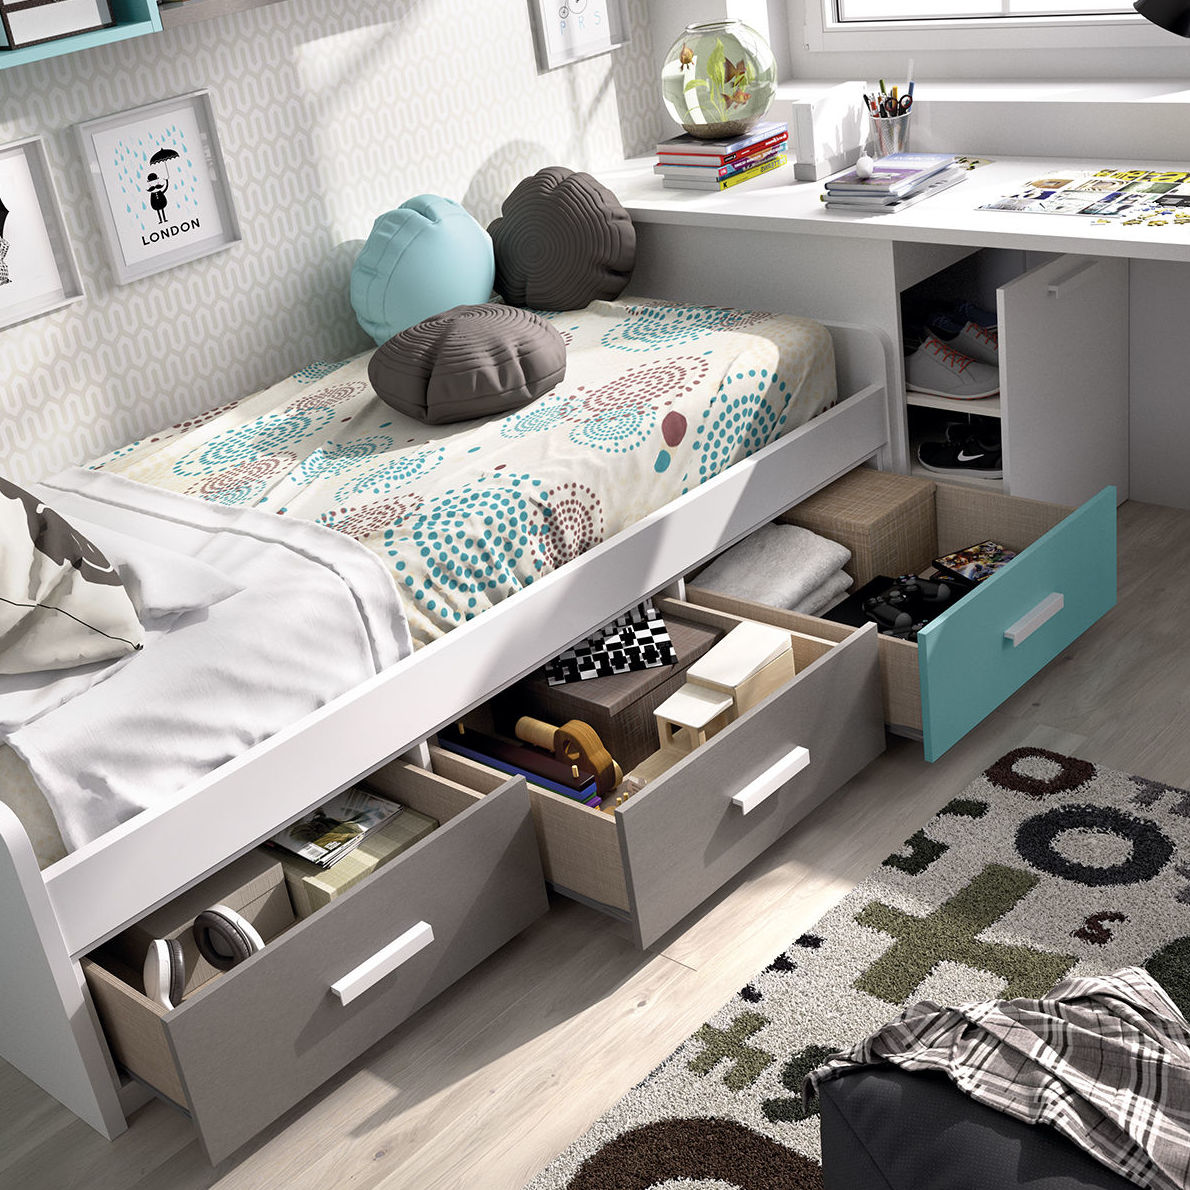 Solución cama cajones contenedor y mesa de estudio con arcón zapatero